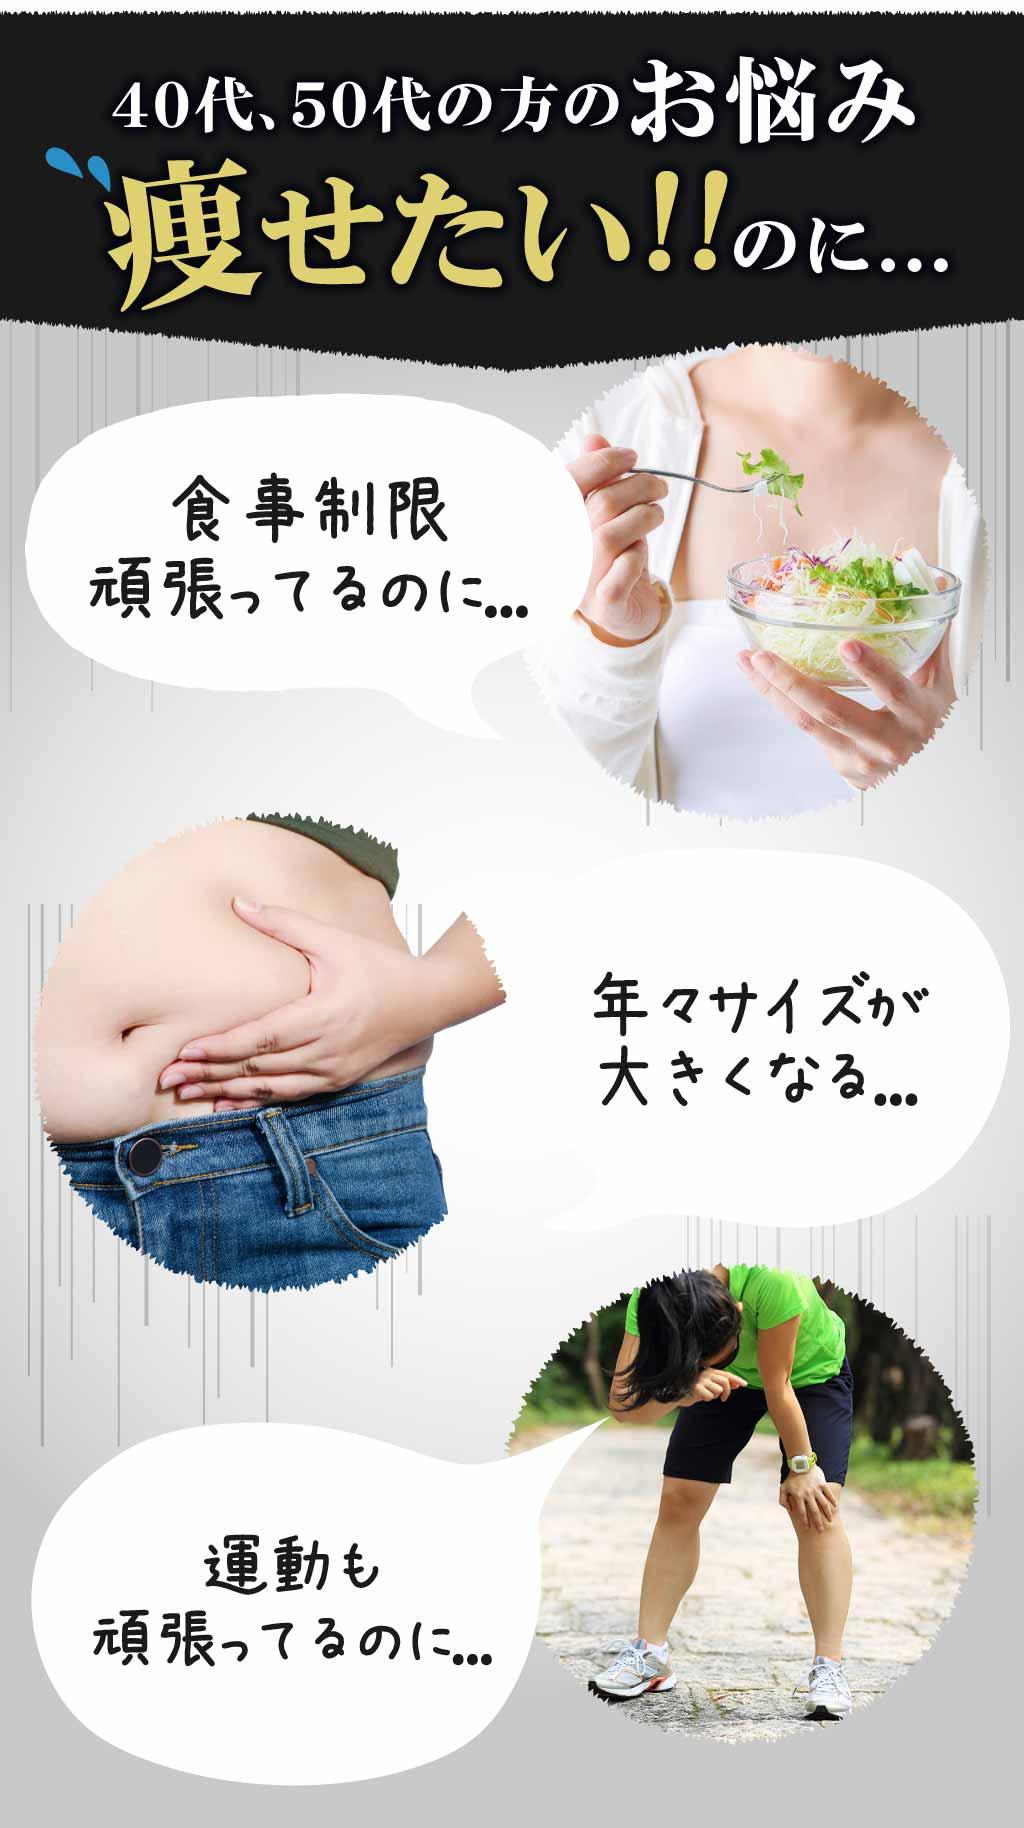 40代、50代の方のお悩み「痩せたい」のに///「食事制限頑張ってるのに...」「年々サイズが大きくなる...」「運動も頑張ってるのに...」